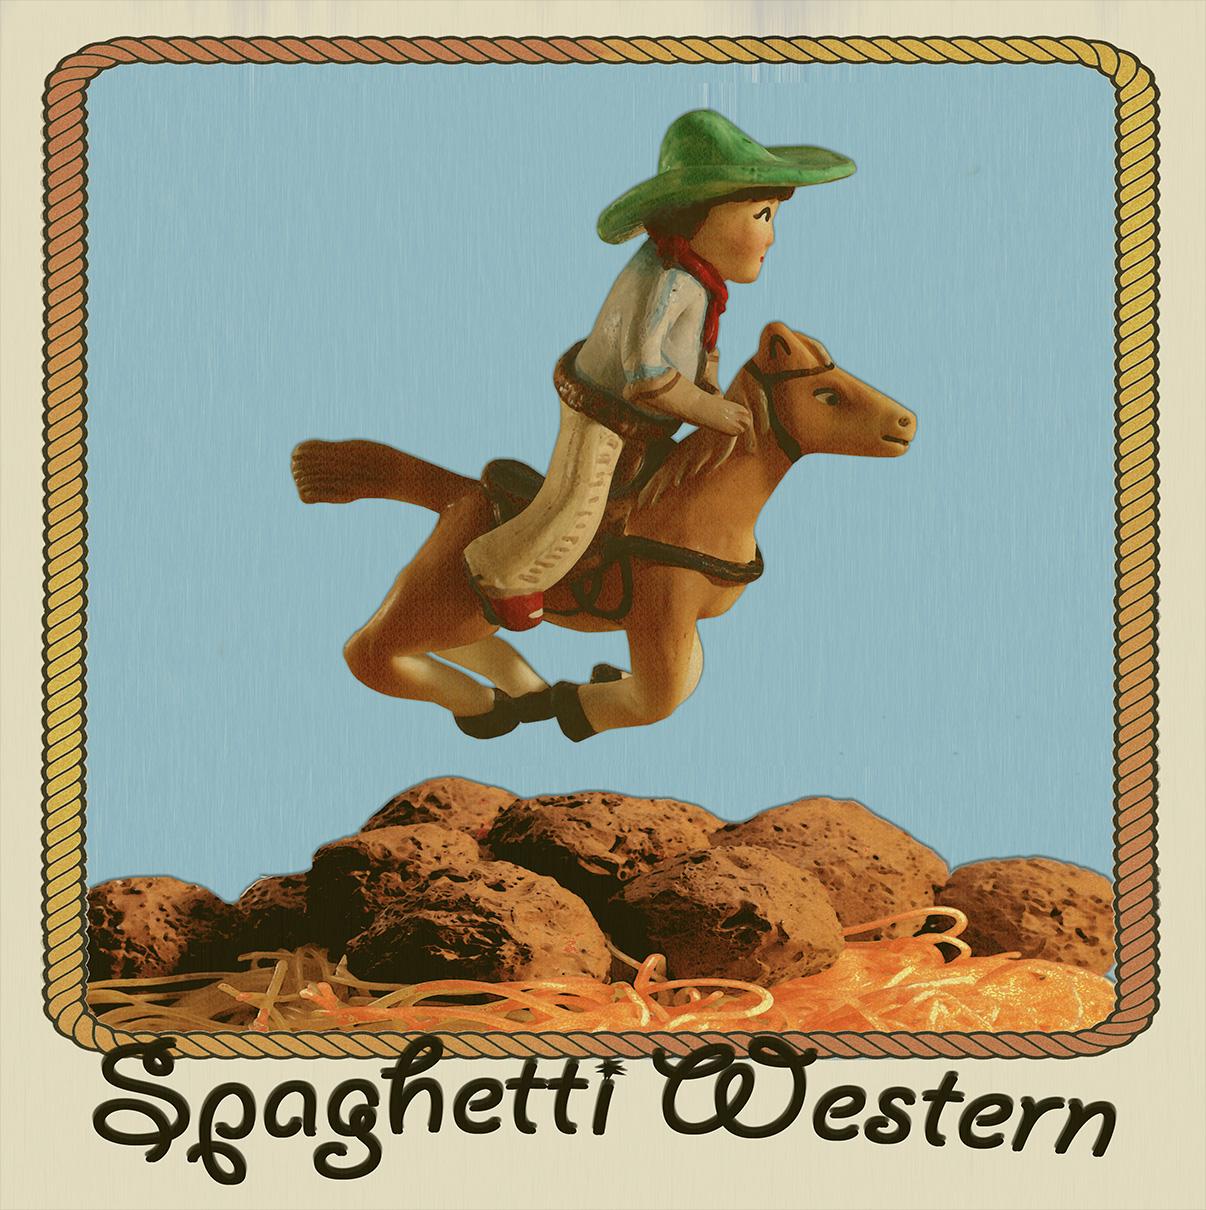 Spaghetti Western Icon.jpg